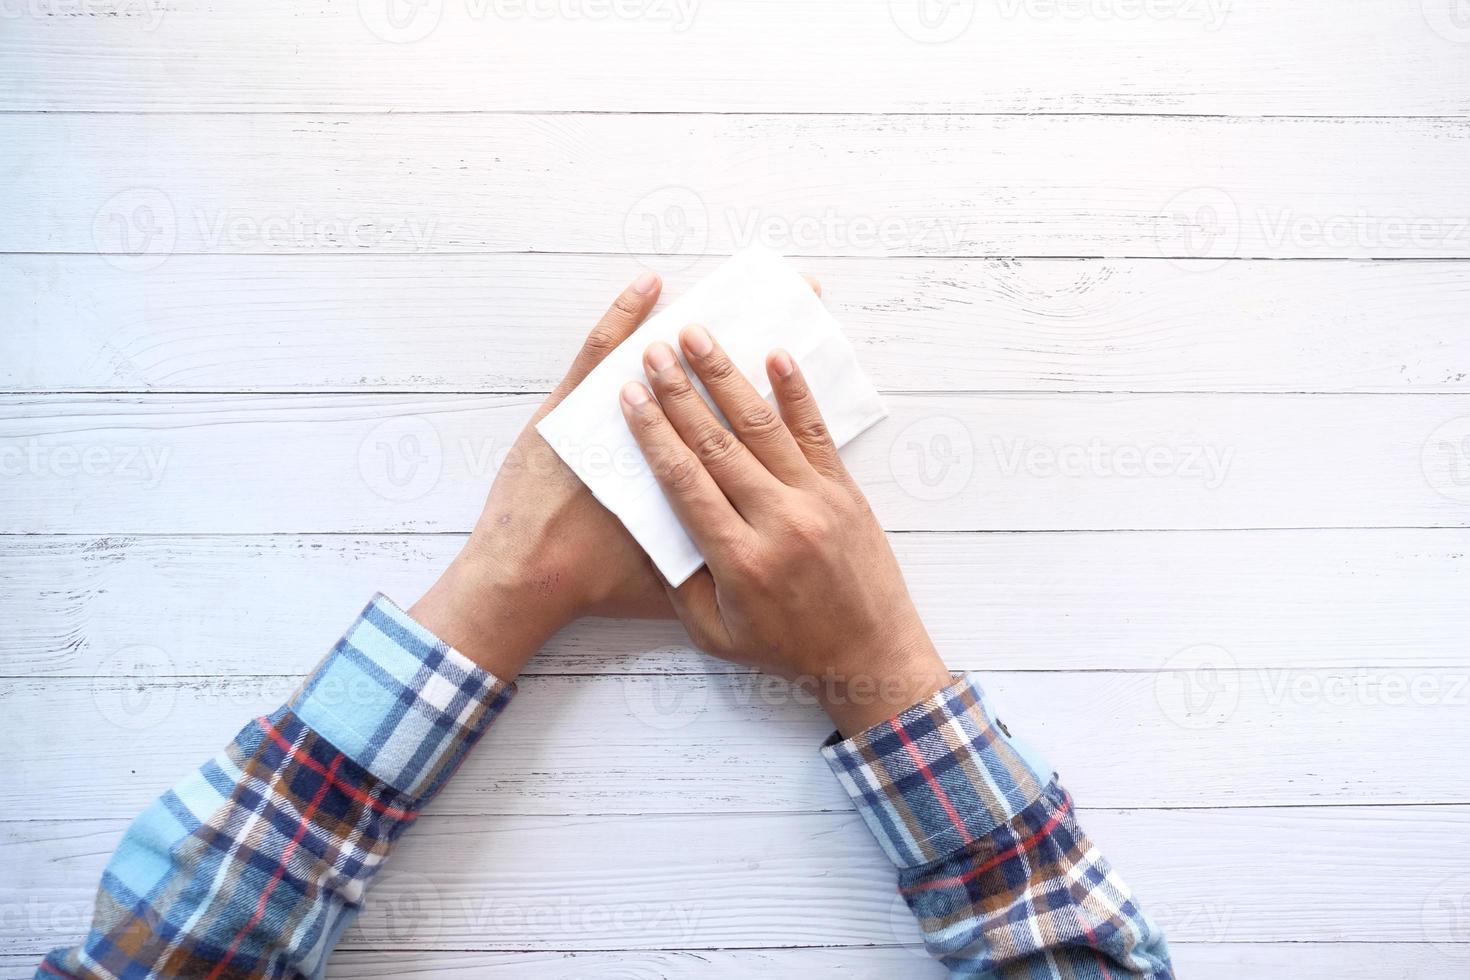 homme désinfectant les mains avec une lingette humide photo